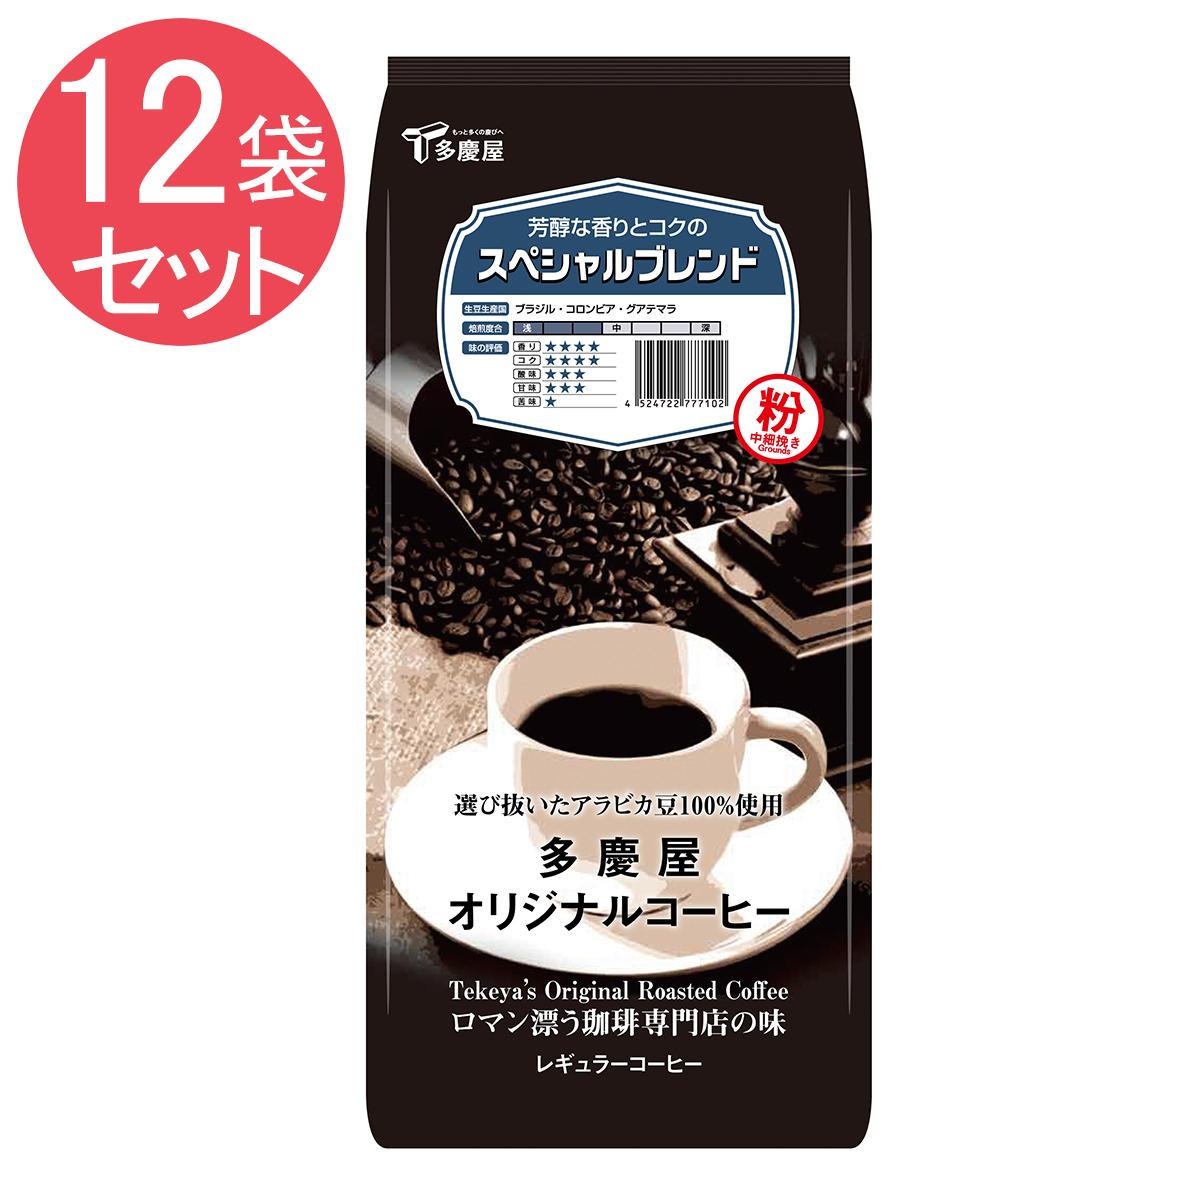 スペシャルブレンド 粉 400g×12袋セット 多慶屋オリジナルコーヒー 【ロマン漂う珈琲専門店の味】 コーヒー粉 レギュラーコーヒー 珈琲